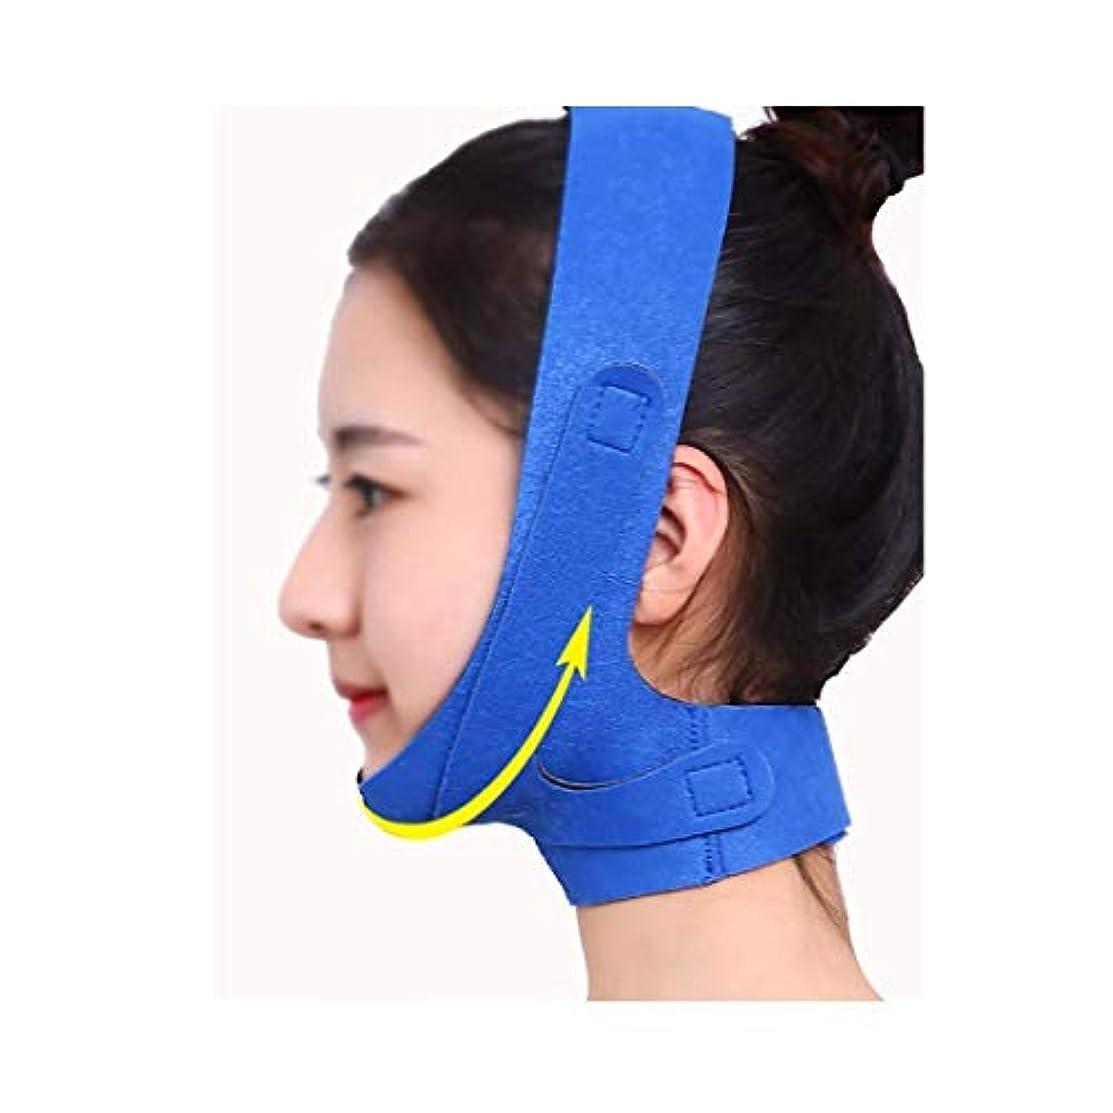 バレーボール予測子製造フェイスリフトマスク、あごストラップ回復包帯睡眠薄いフェイスバンデージ薄いフェイスマスクフェイスリフトアーティファクトフェイスリフト美容マスク包帯青いフェイスマスクで小さなV顔を強化するには